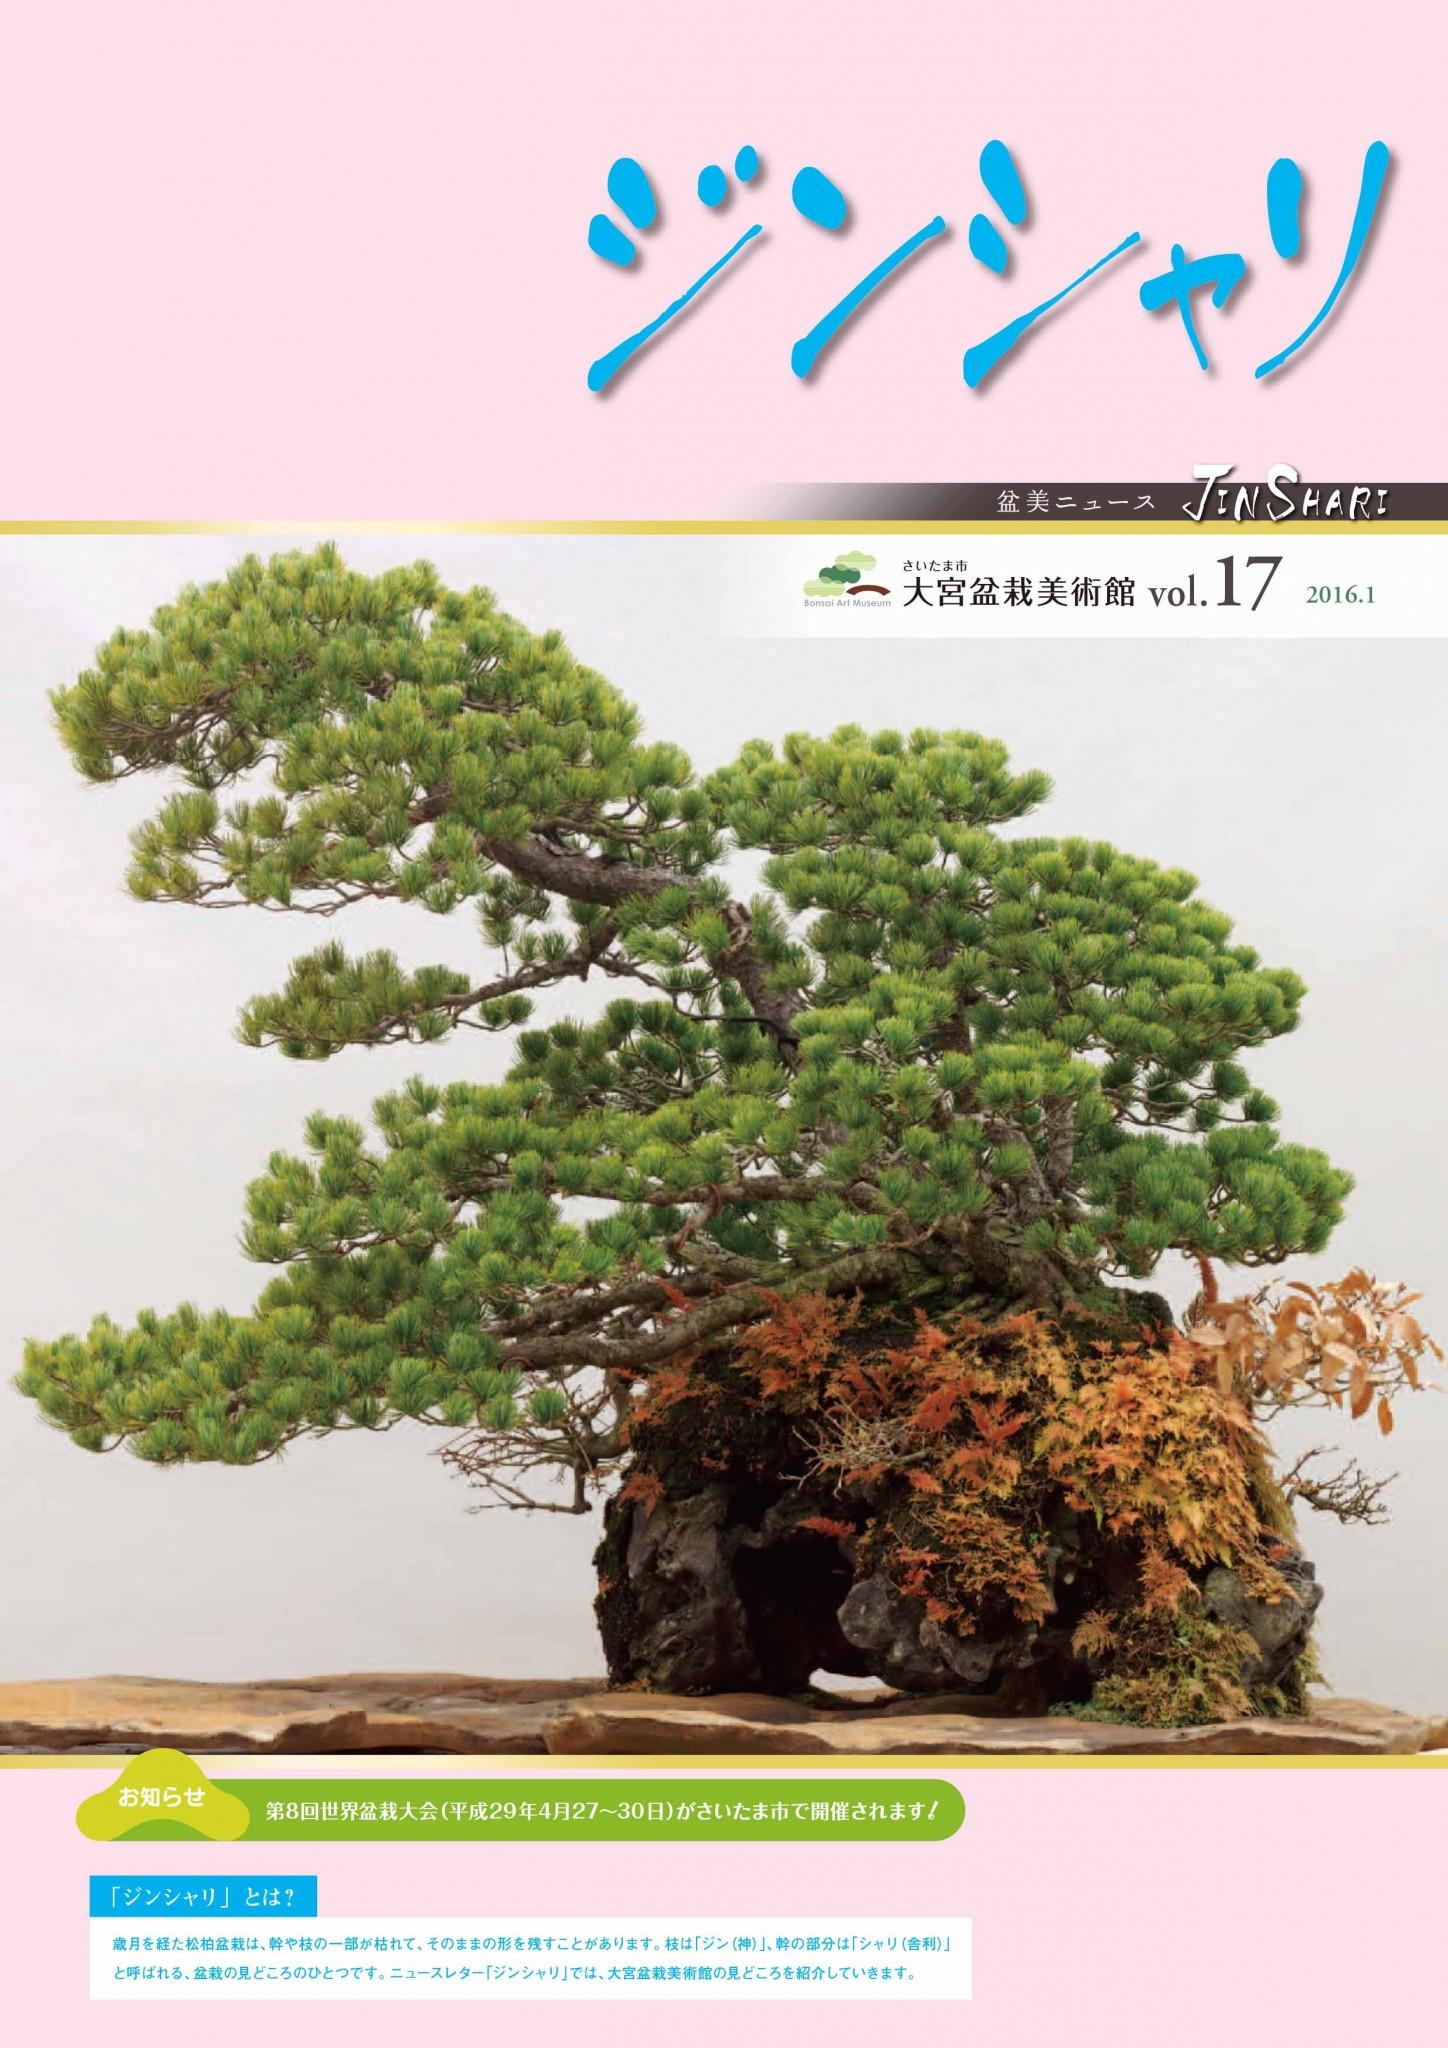 ジンシャリ Vol.17